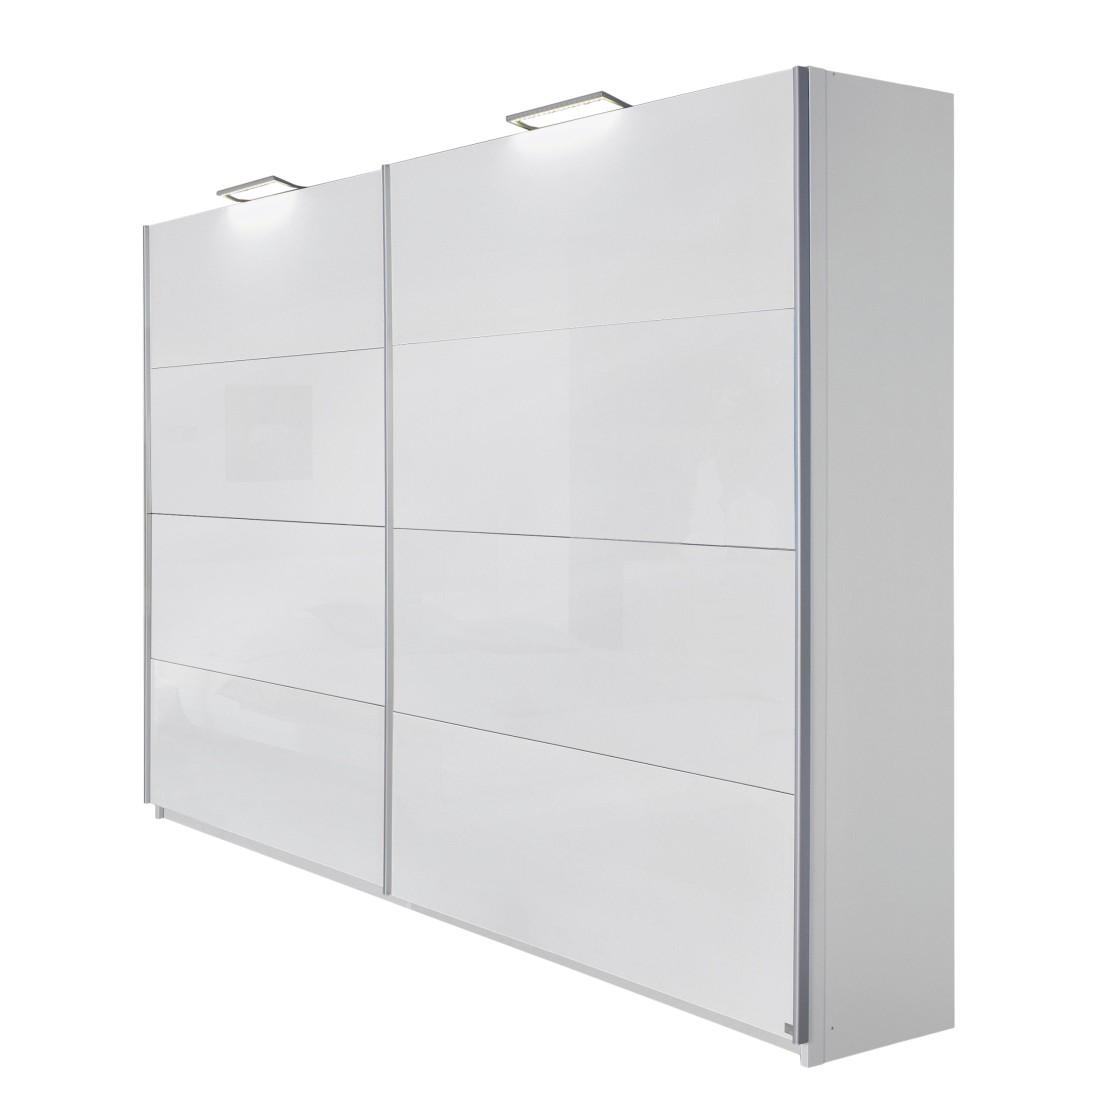 goedkoop Zweefdeurkast Park Avenue alpinewit hoogglans wit 181cm breed Rauch Select